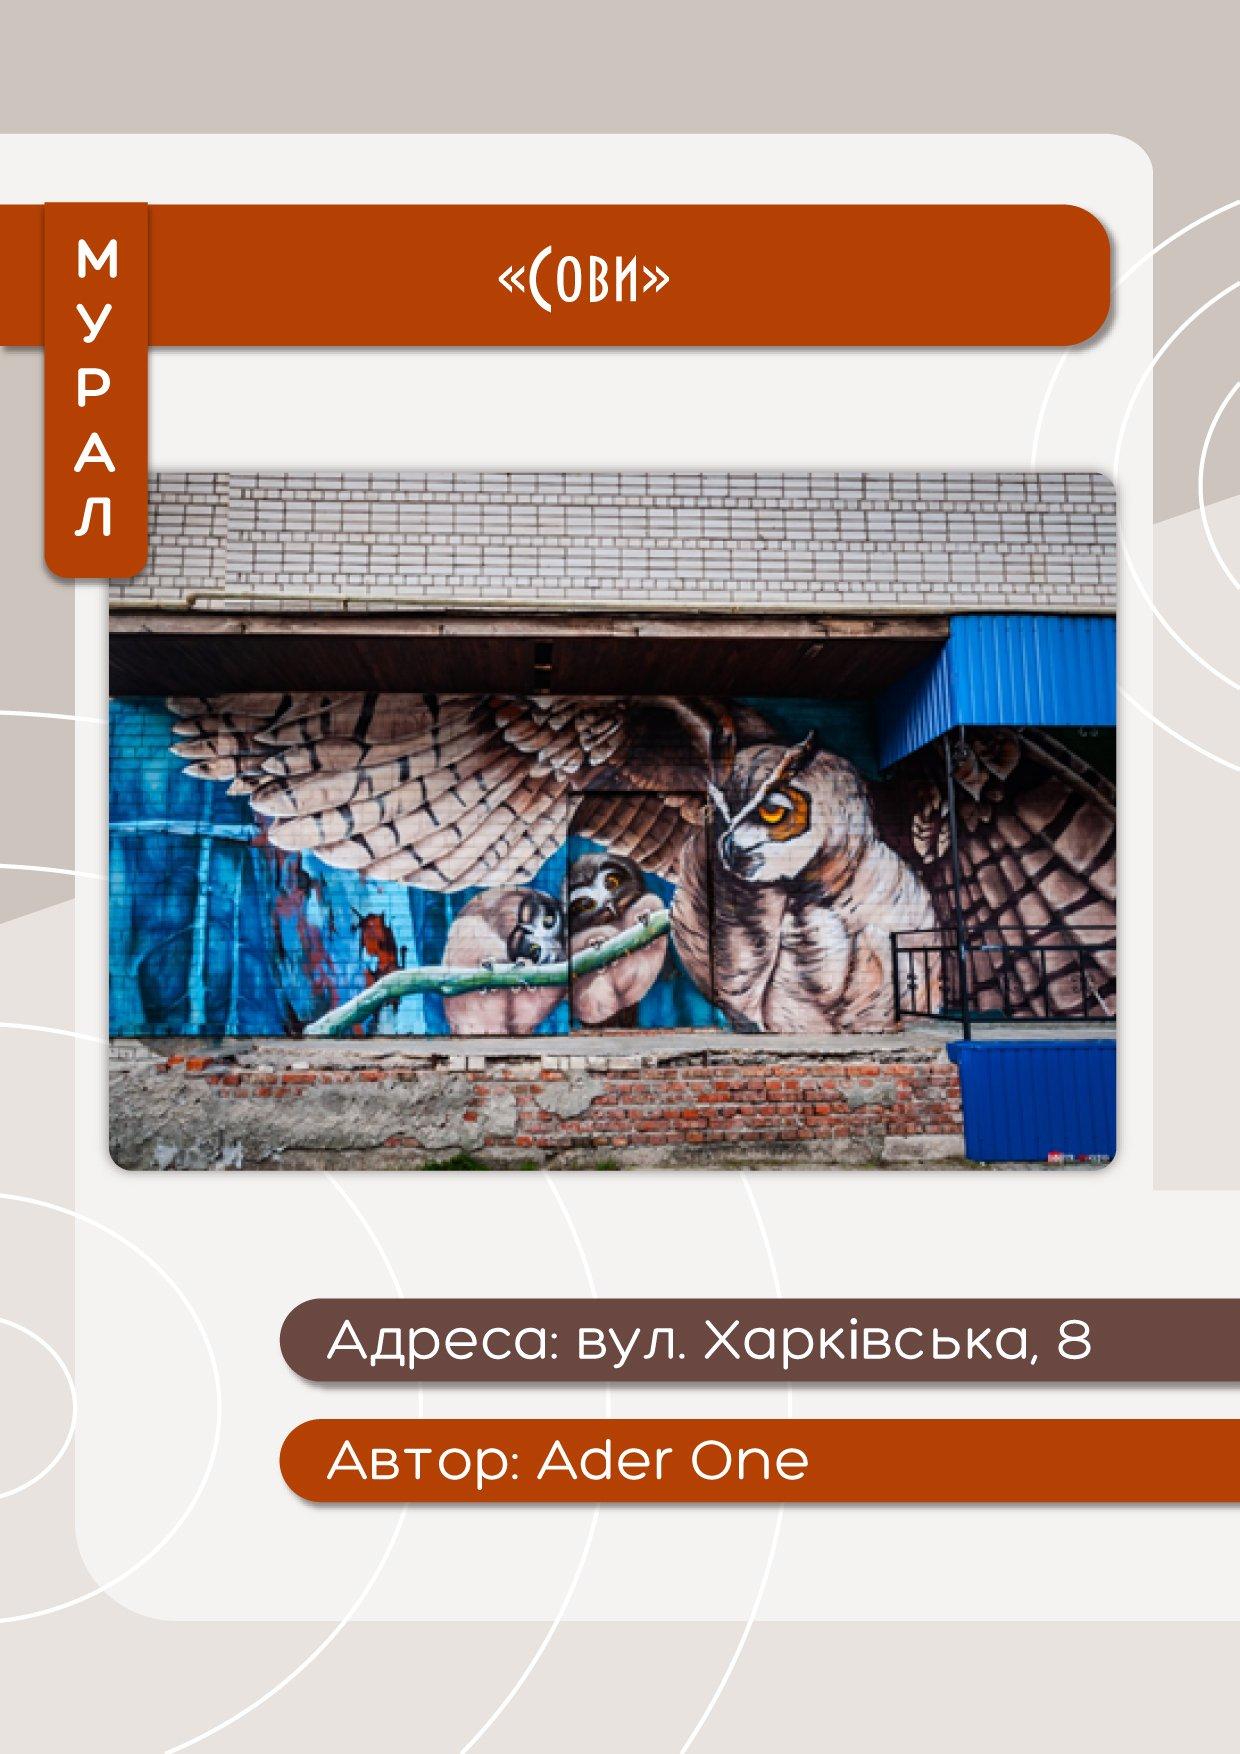 Мурали Чернігова зібрали в єдину базу (каталог), фото-5